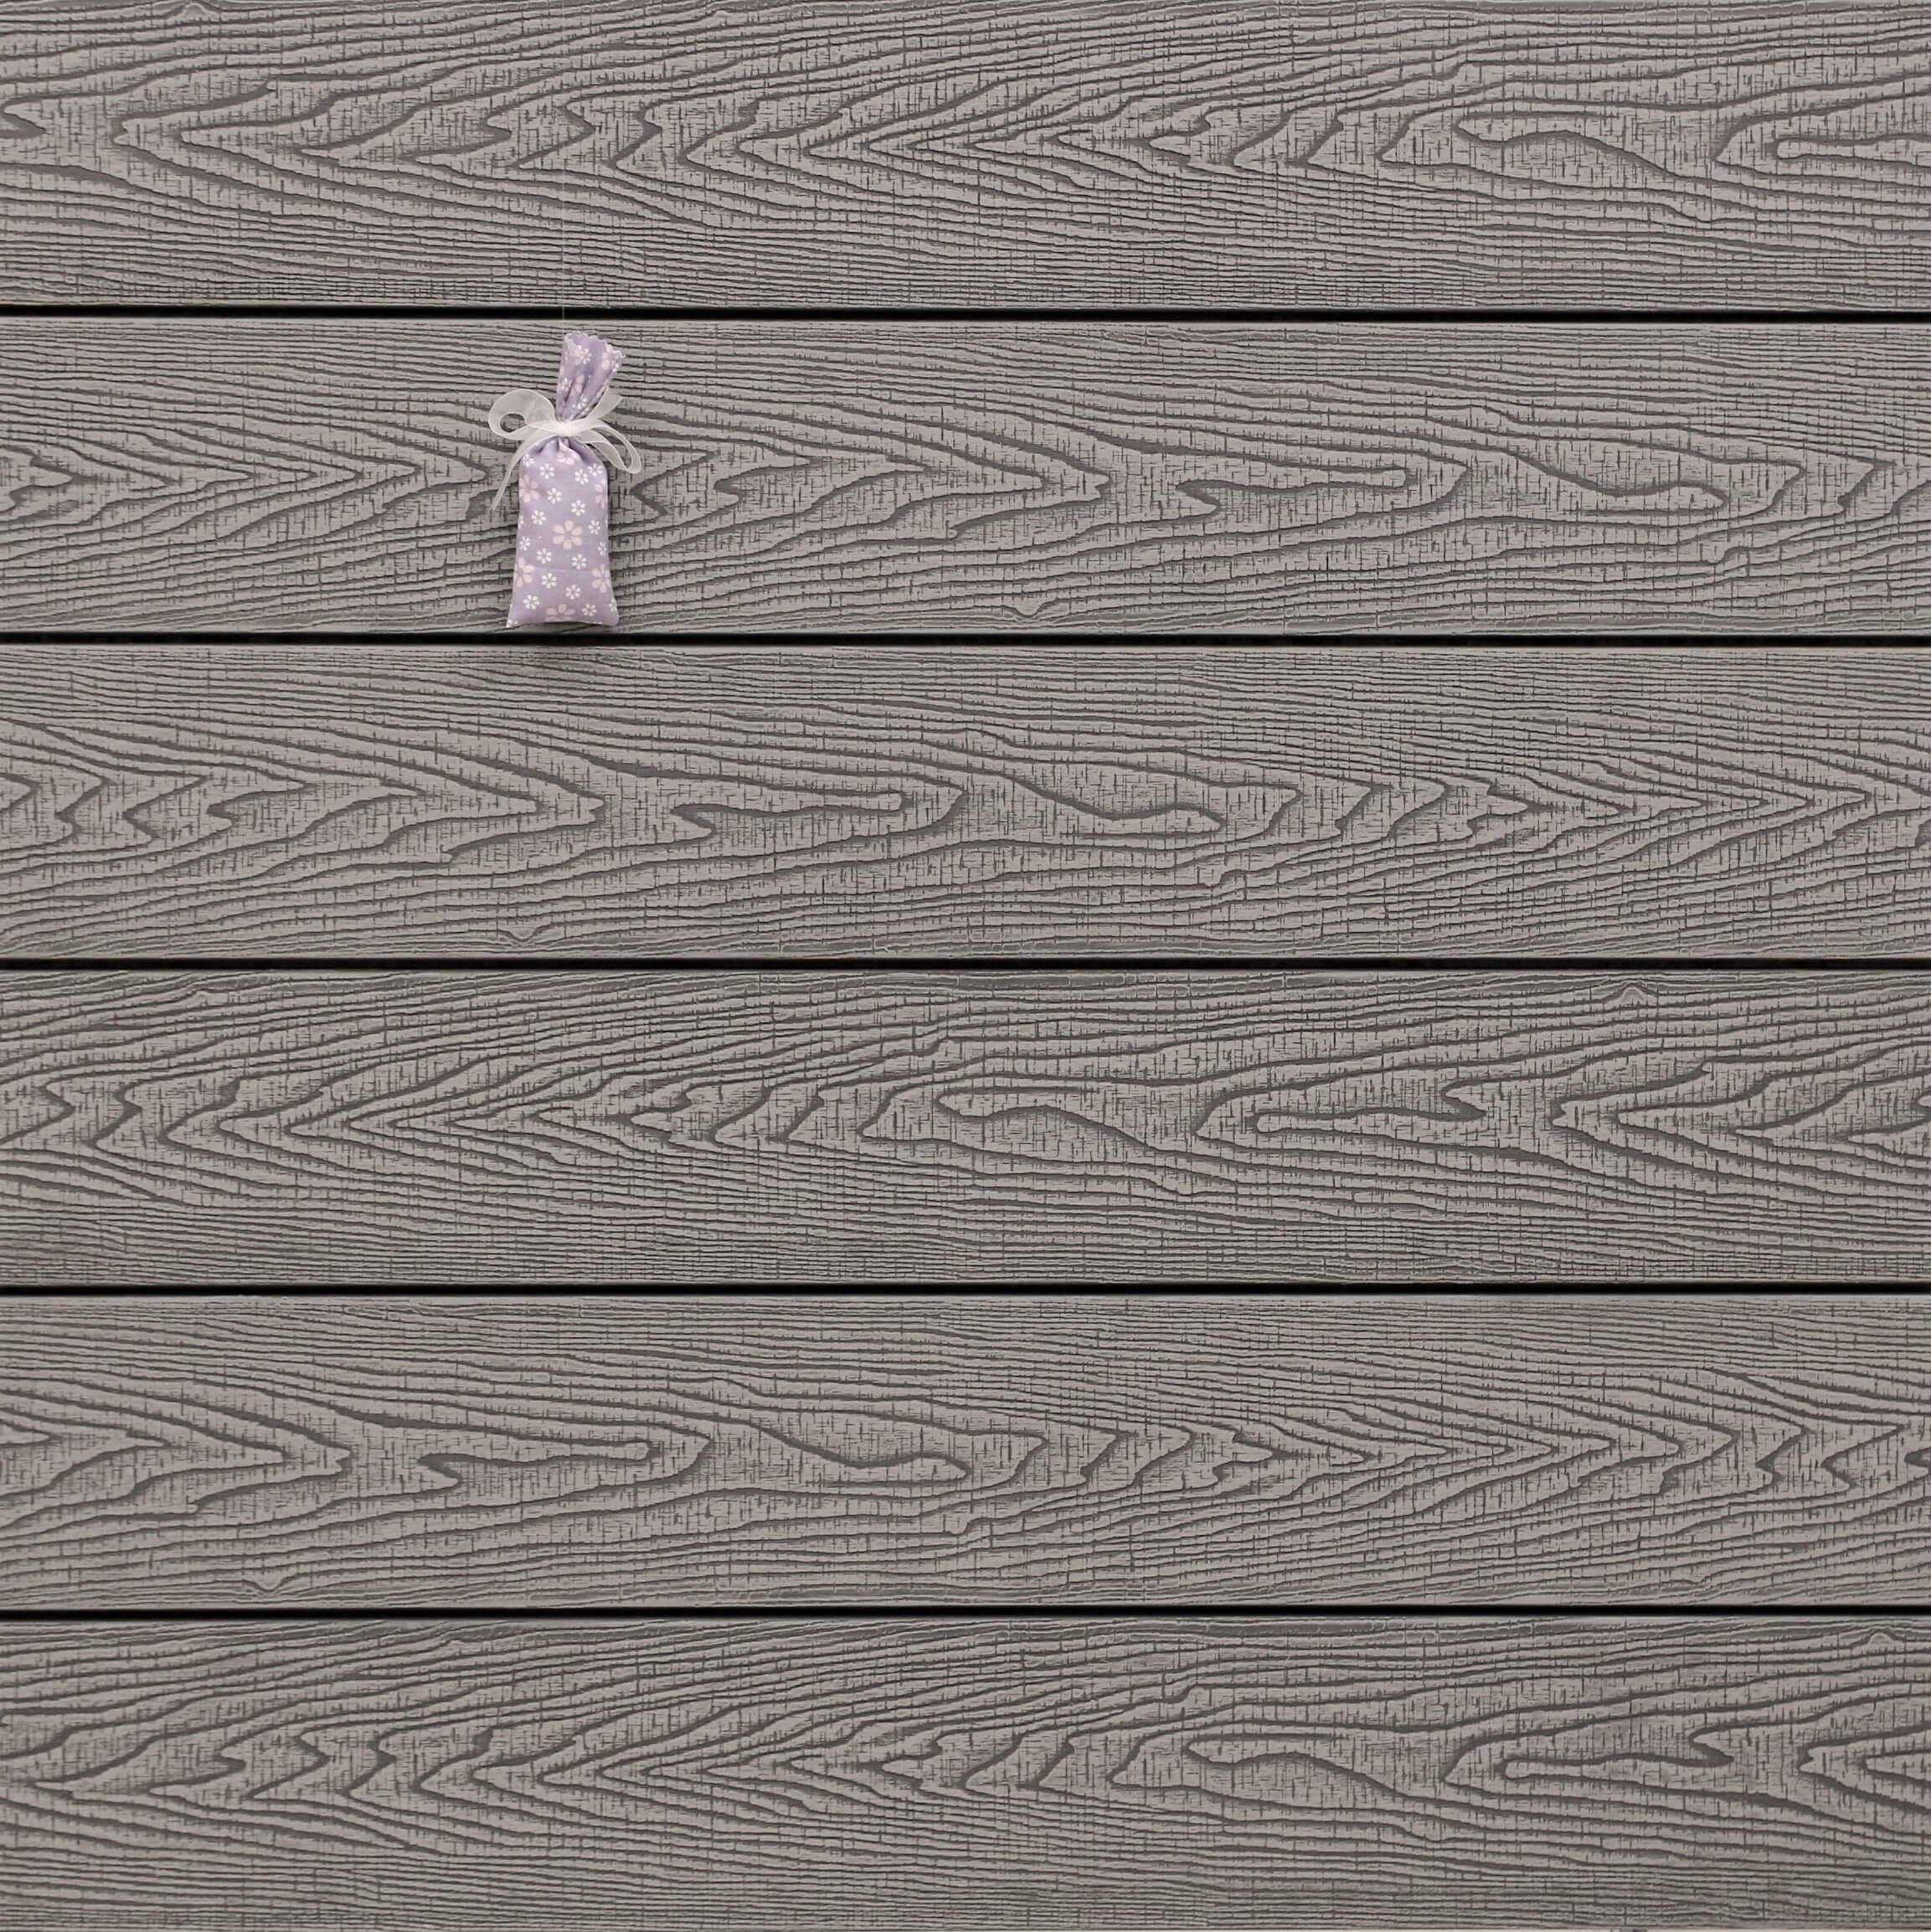 WPC Terrassendielen massiv, Oberfläche mit Struktur in Holzoptik sägerau, Farbton hellgrau, Vollprofil, 22 x 143 bis 4800 mm für 7,95 €/lfm